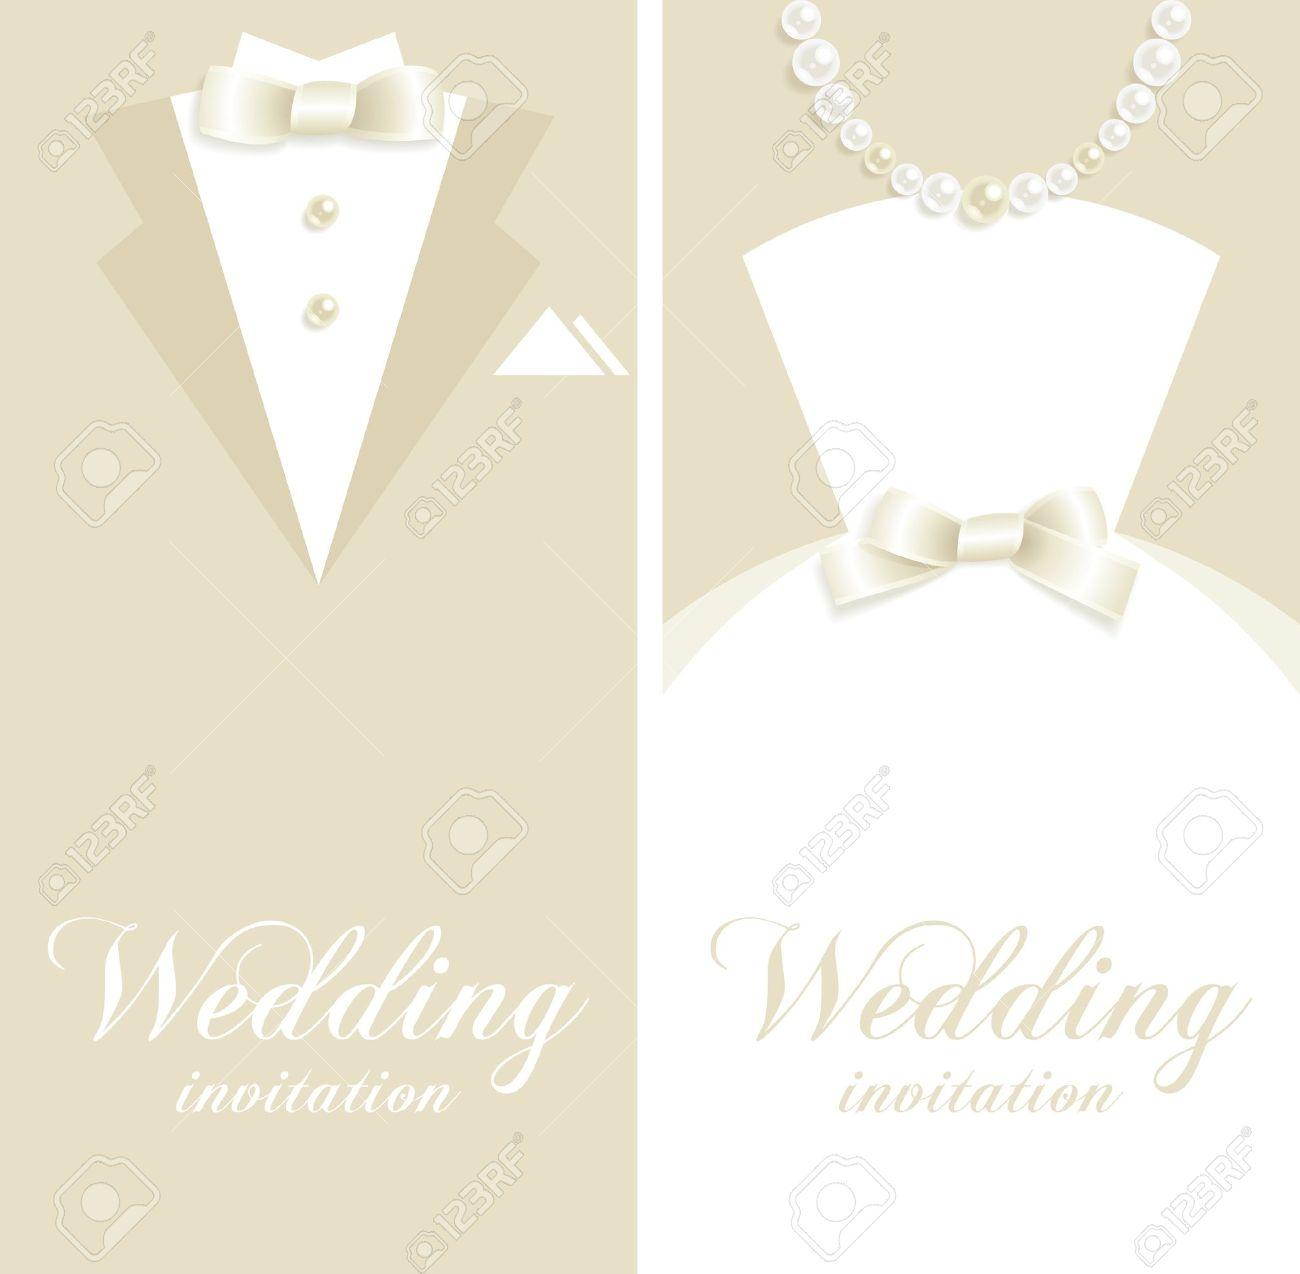 結婚式タキシードとウエディング ドレスのシルエットを背景